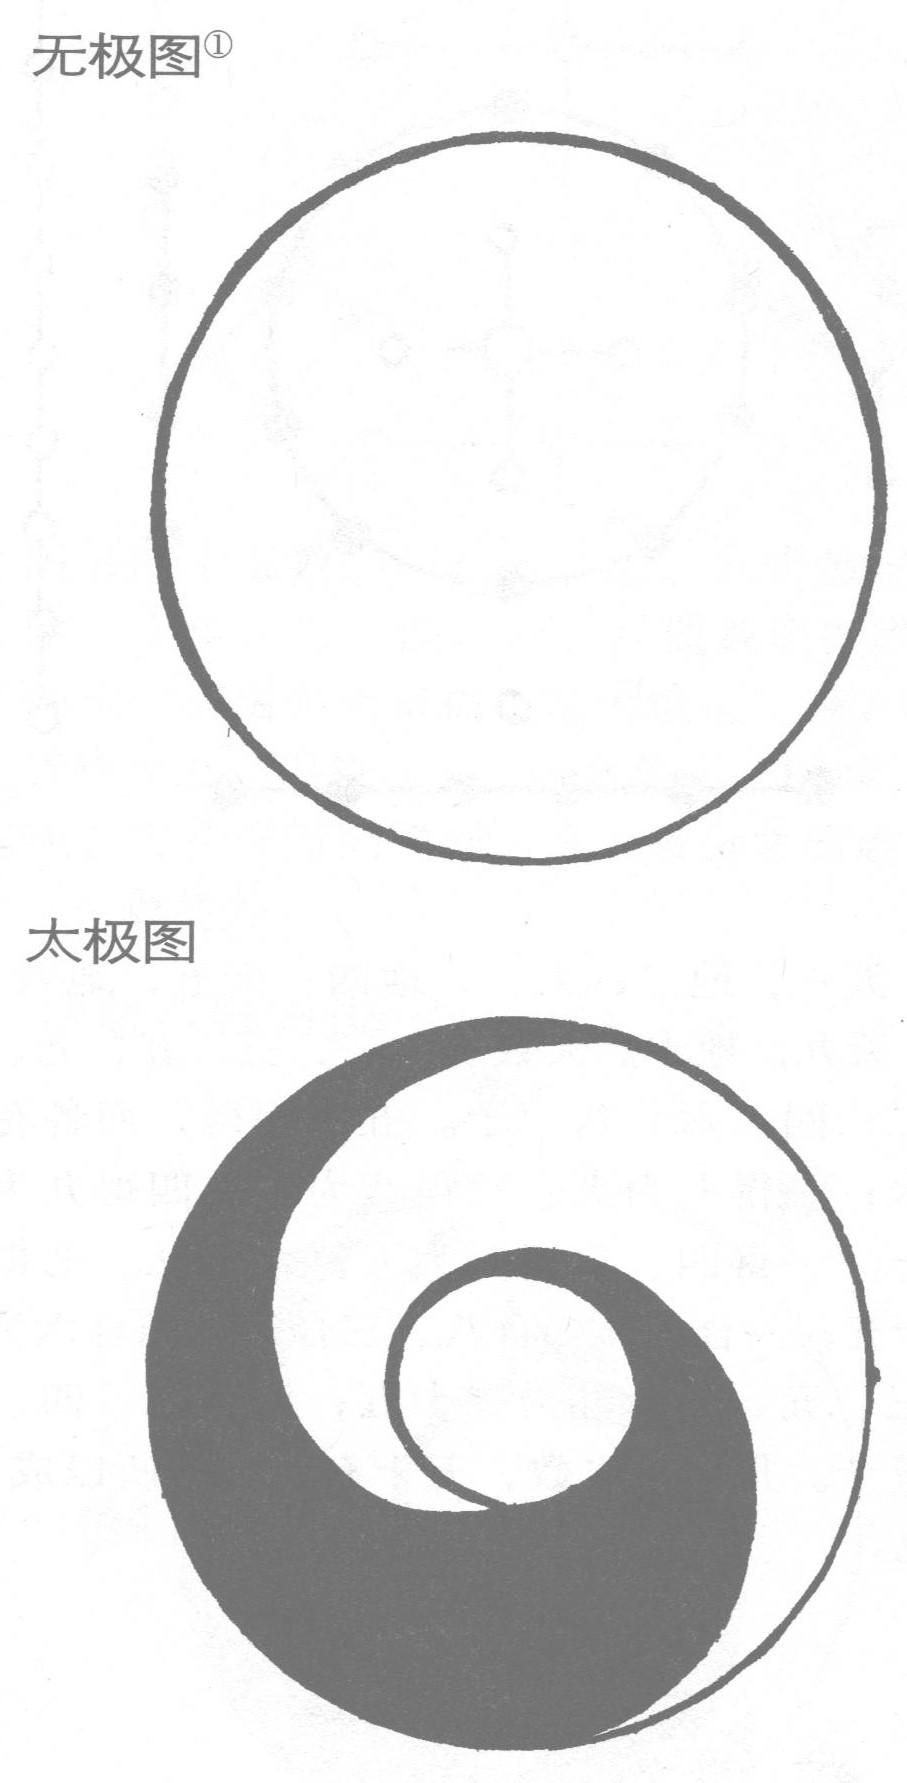 Aus der Geschichte Taijiquan gibt es die Abbildung vom Leeren Wuji-Kreis und dem Kreis wo aus dem Wuji das Taiji entspringt.